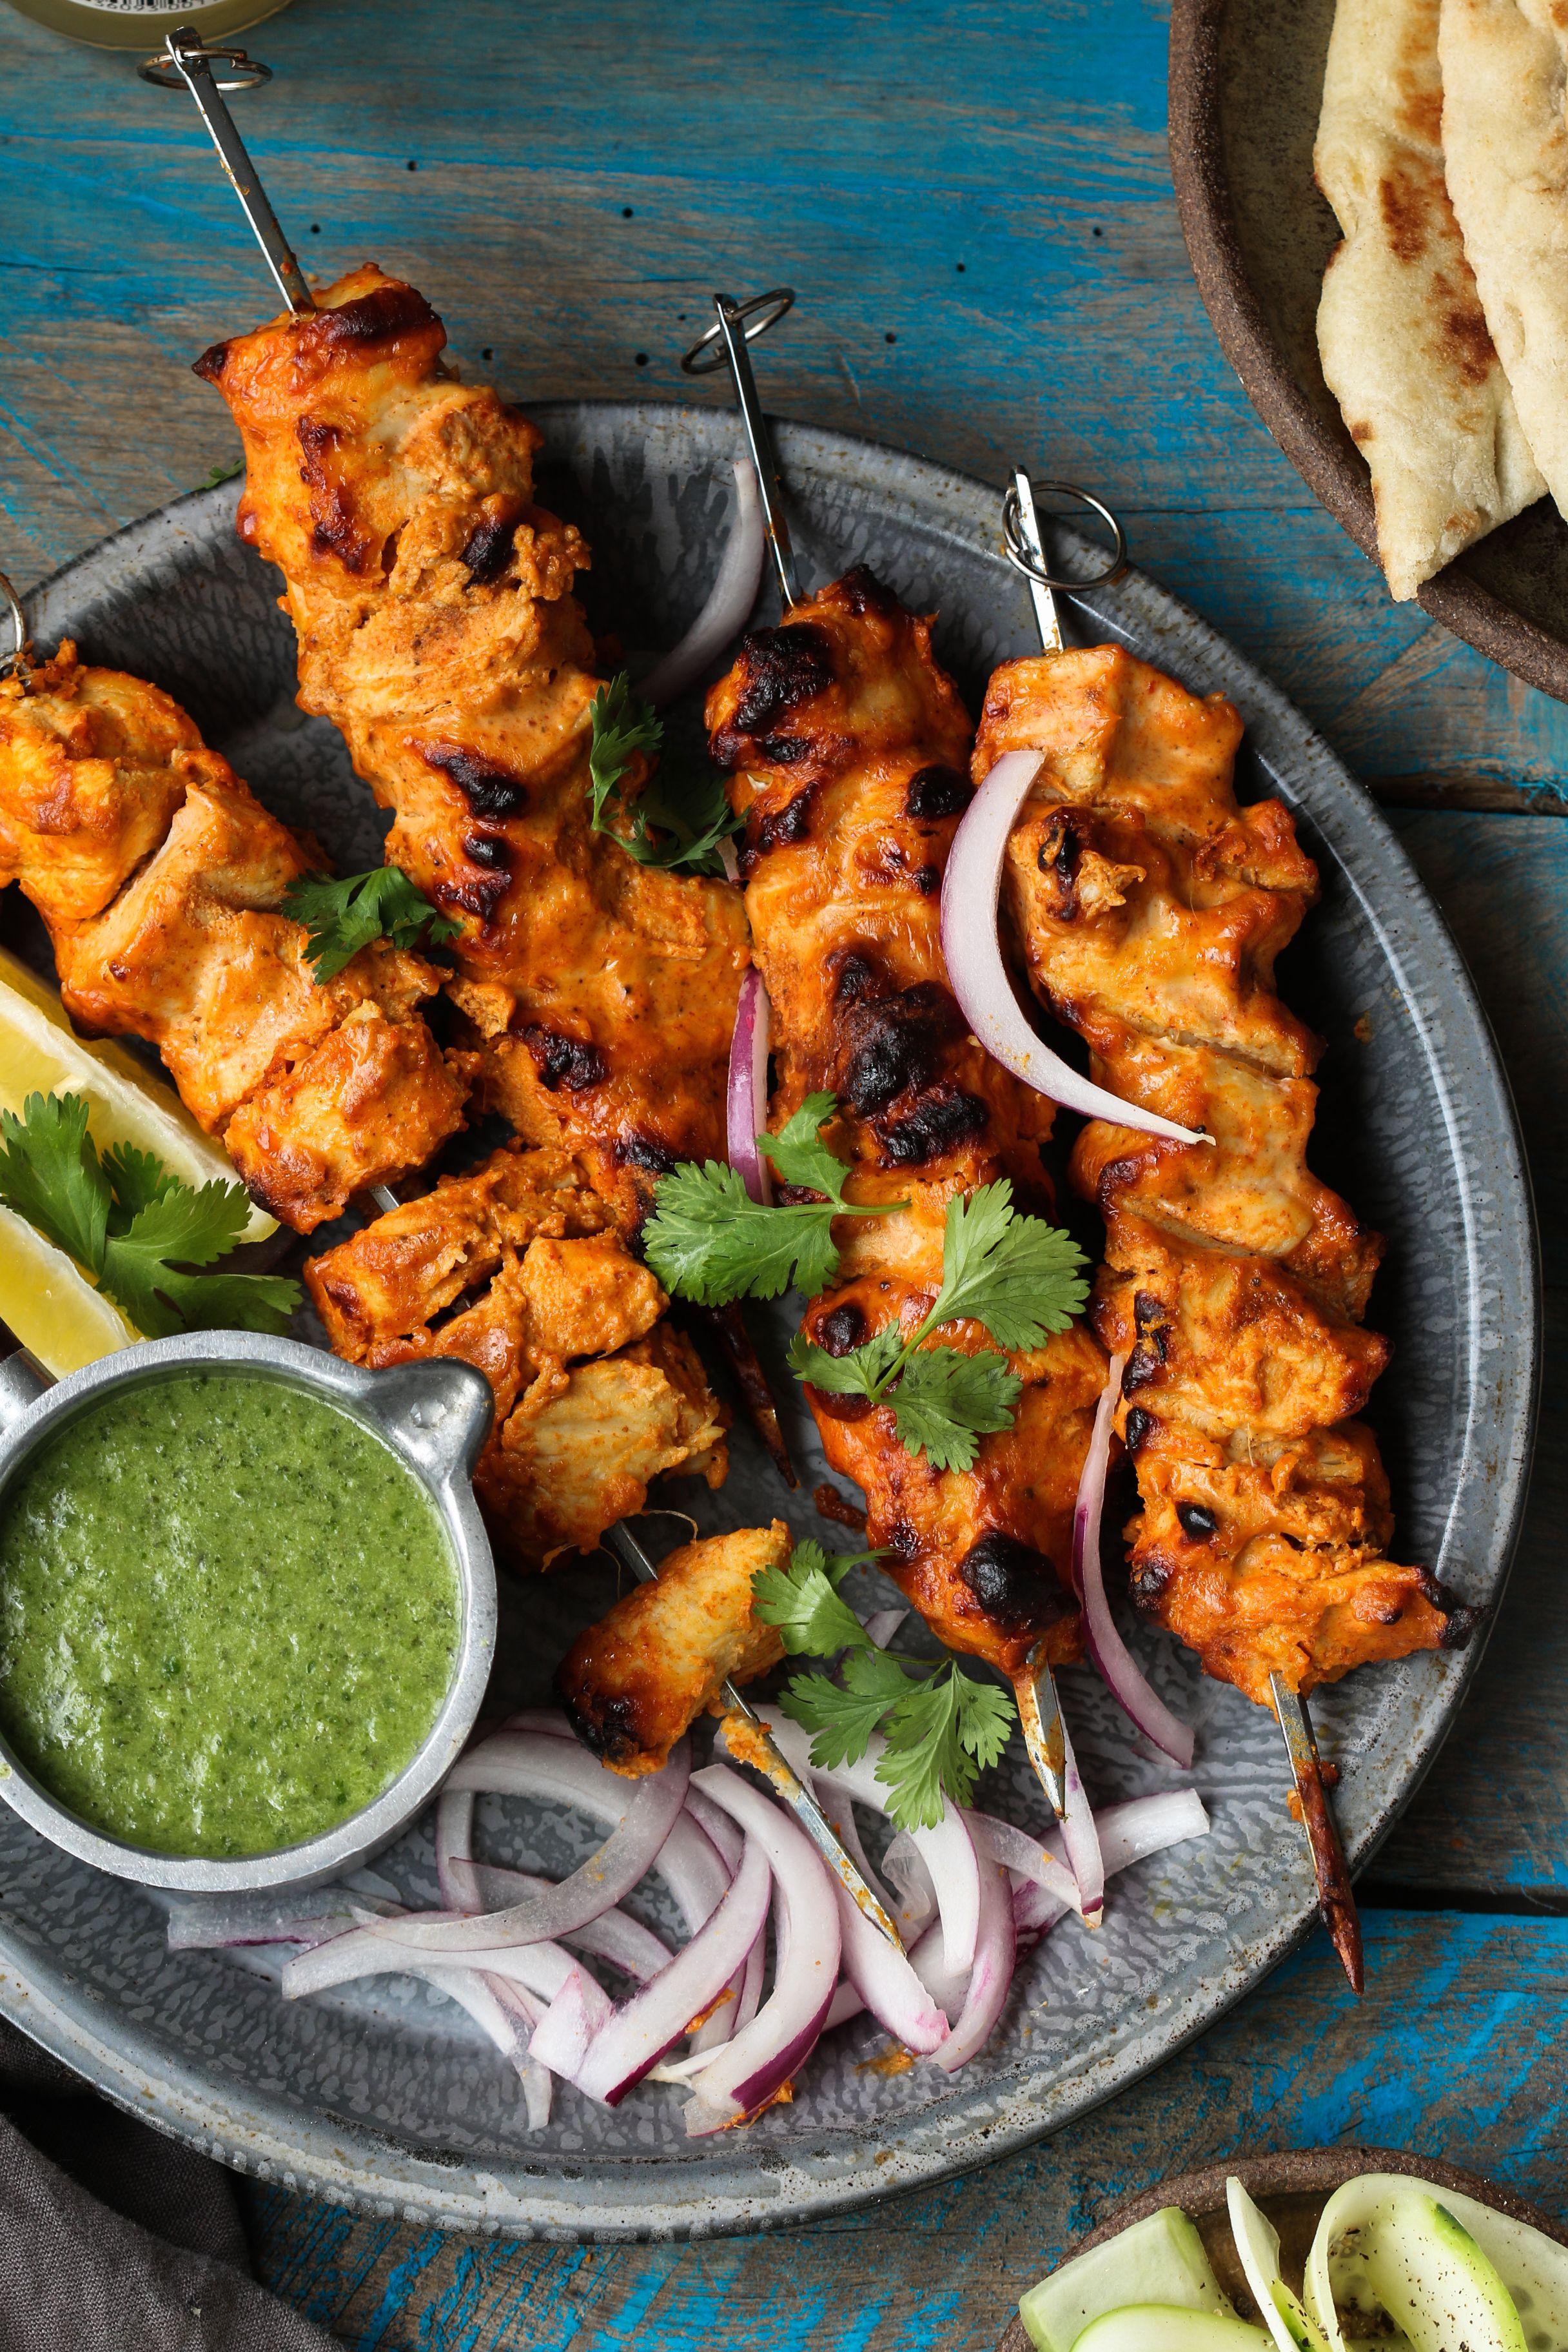 Yogurt Spicy Chicken Recette Cuisine Indienne Recette Et Tandoori